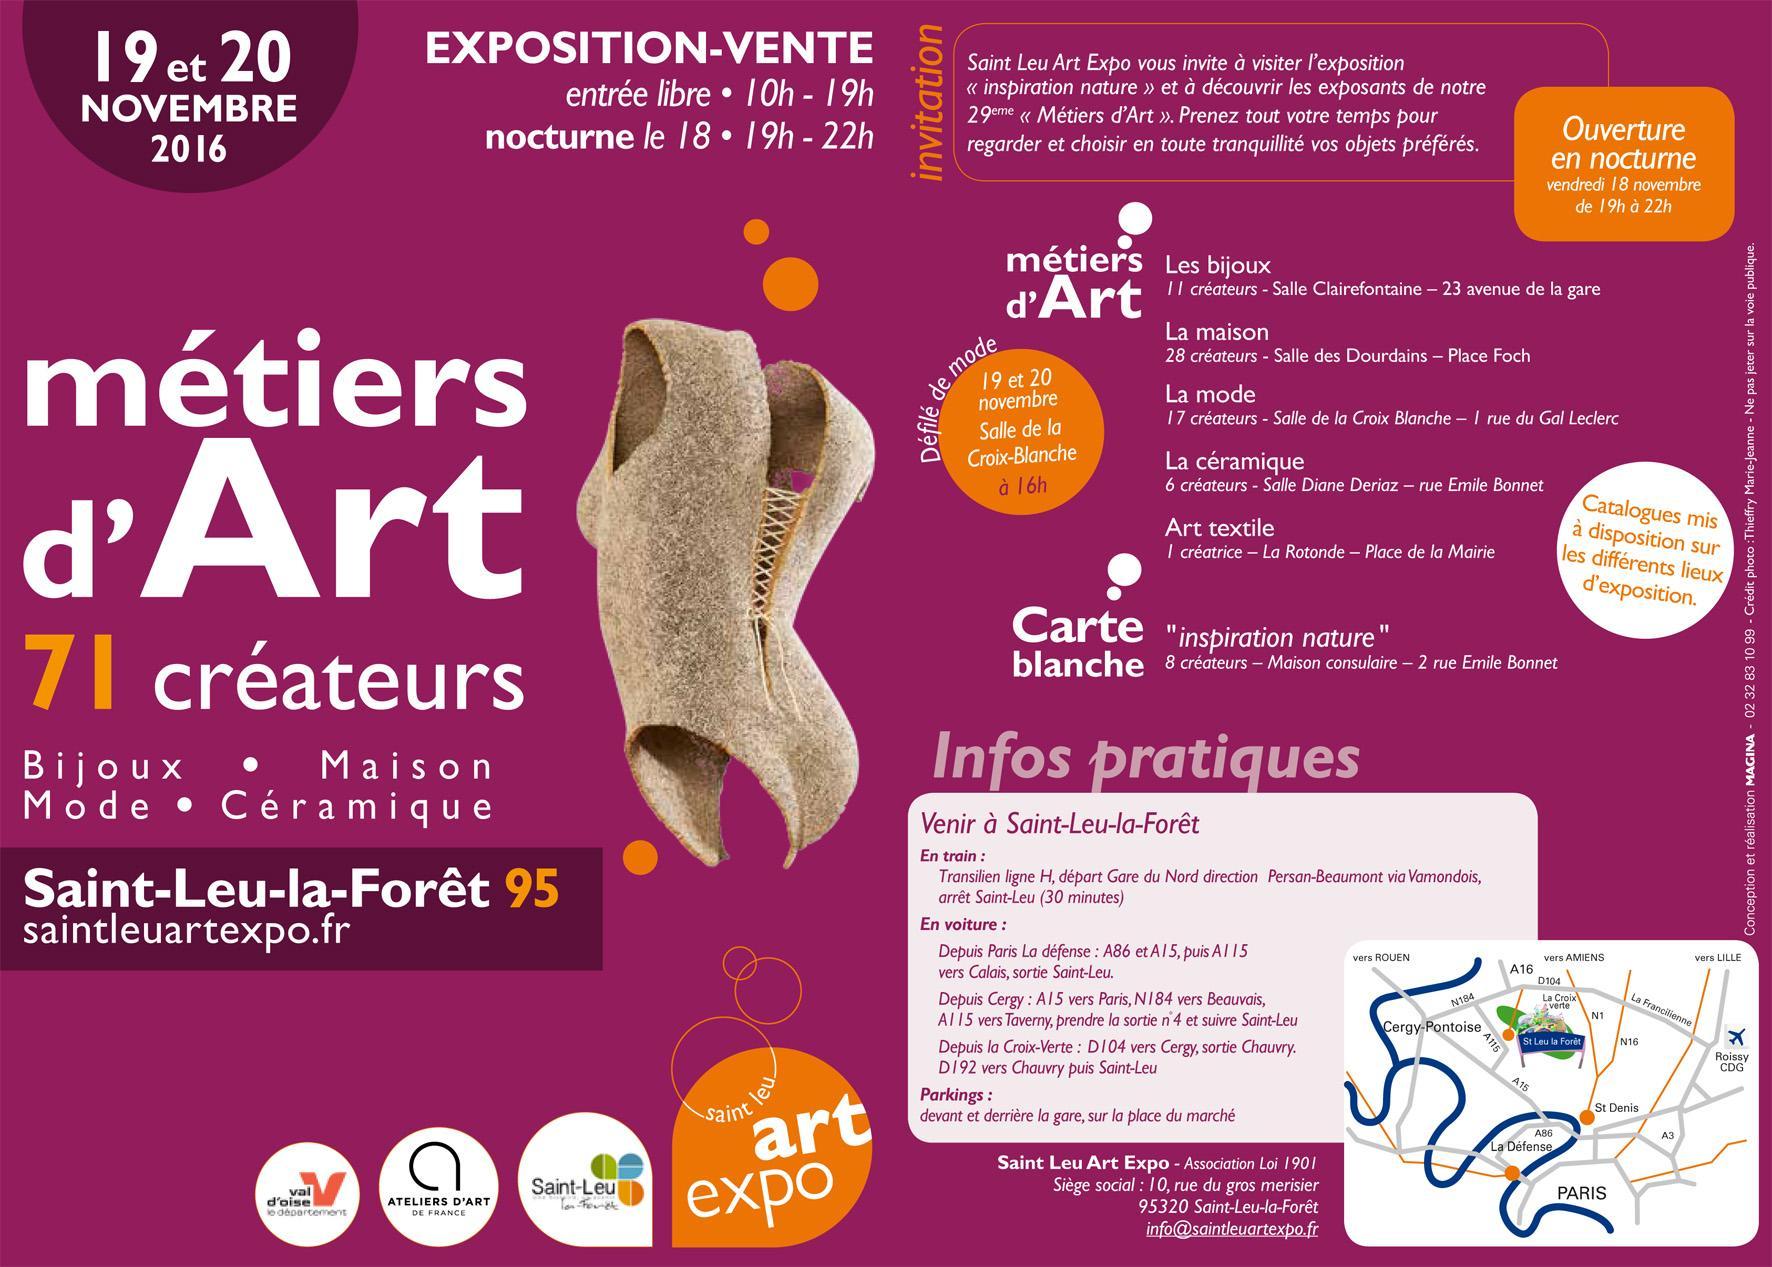 Actualité de Valérie Villacampa Asika Ventes Expo St-Leu 2016